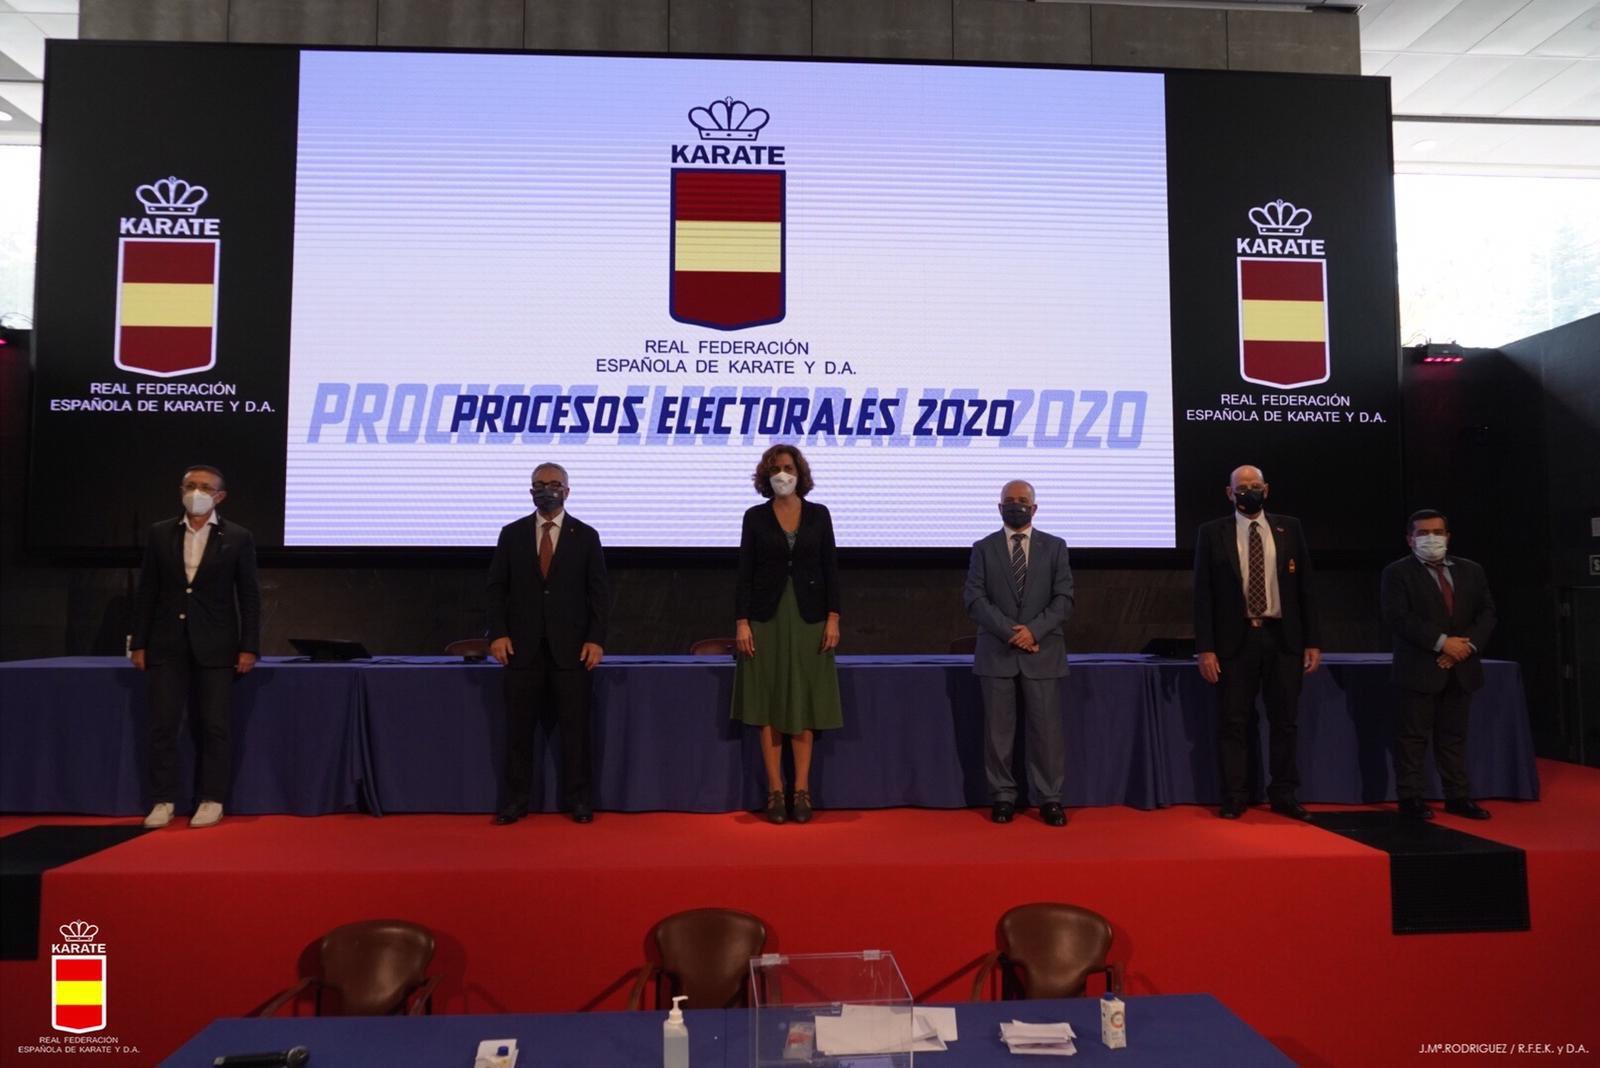 El albaceteño Antonio Moreno, reelegido como presidente de la Federación Española de Kárate